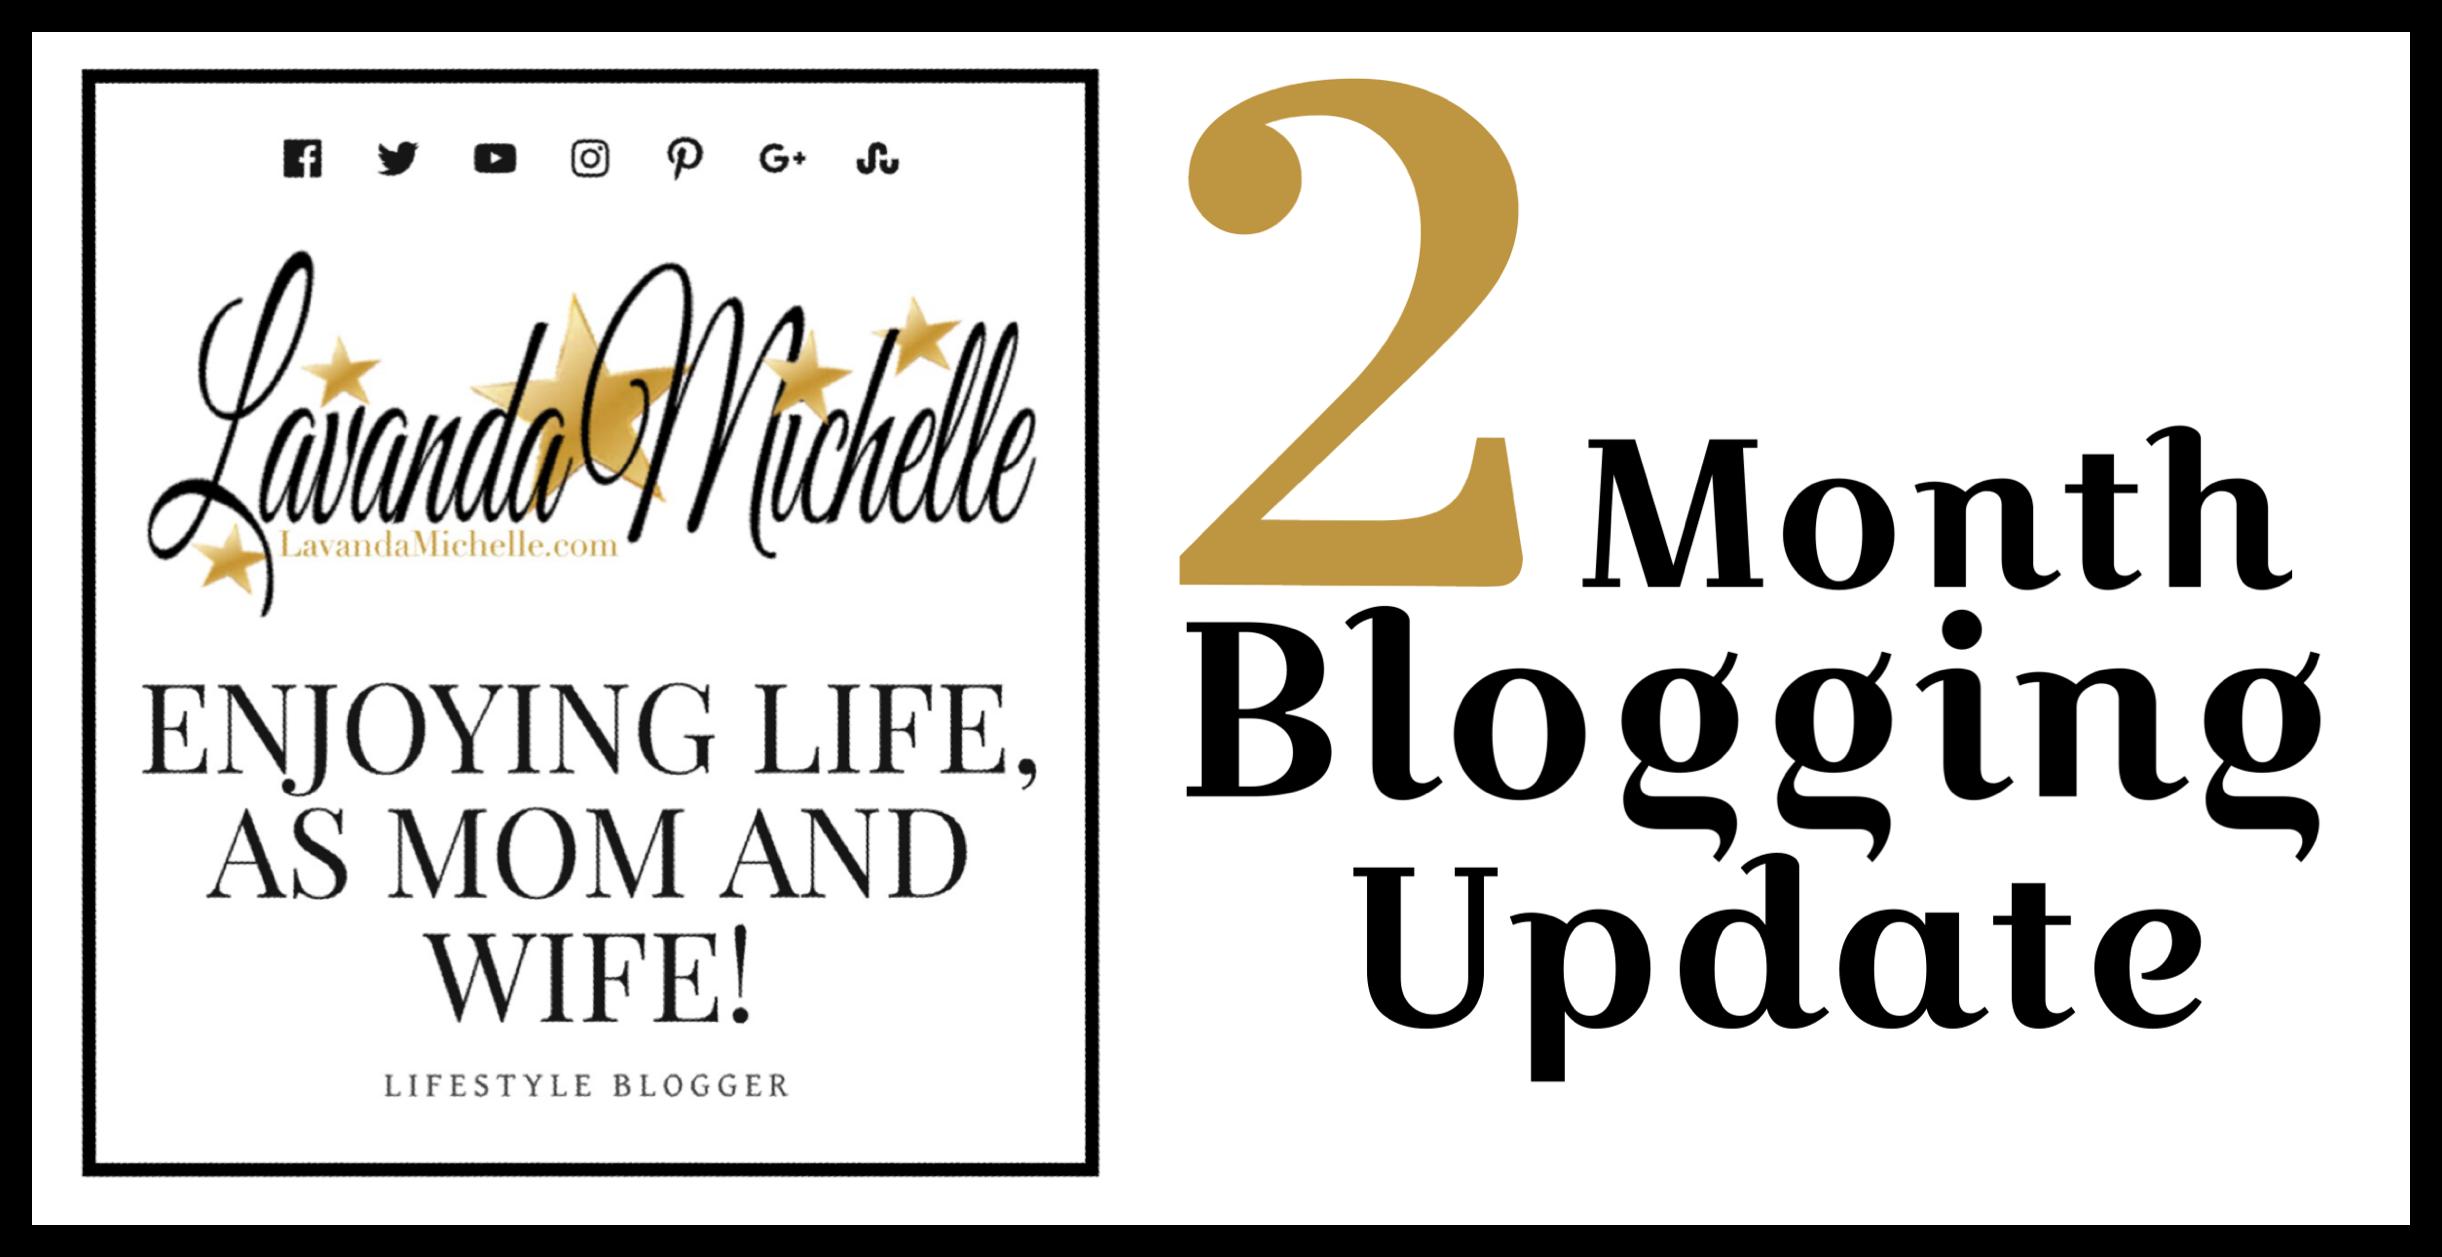 2-Month Blogging Update